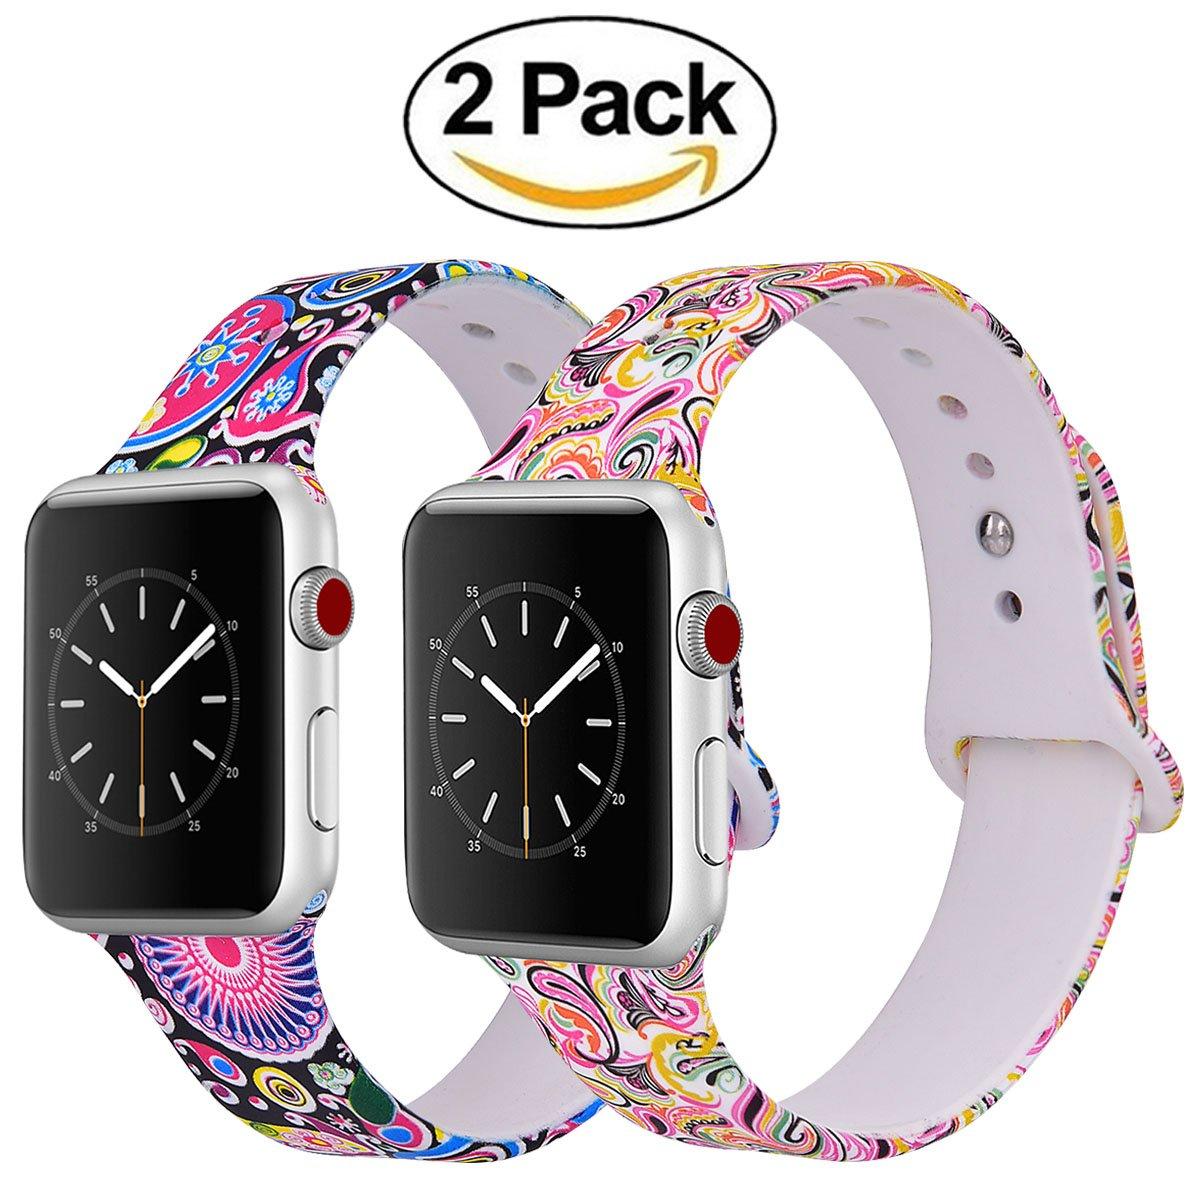 Vigoss耐久性印刷Apple Watchバンド38 mm 42 mmレディース、ソフトシリコン花柄ストラップ交換iWatchバンド花Wristbands for Apple Watchシリーズ3 /2 /1スポーツエディション 38mm 38mm|2 pack#3 2 pack#3 38mm B07F7V3Y66